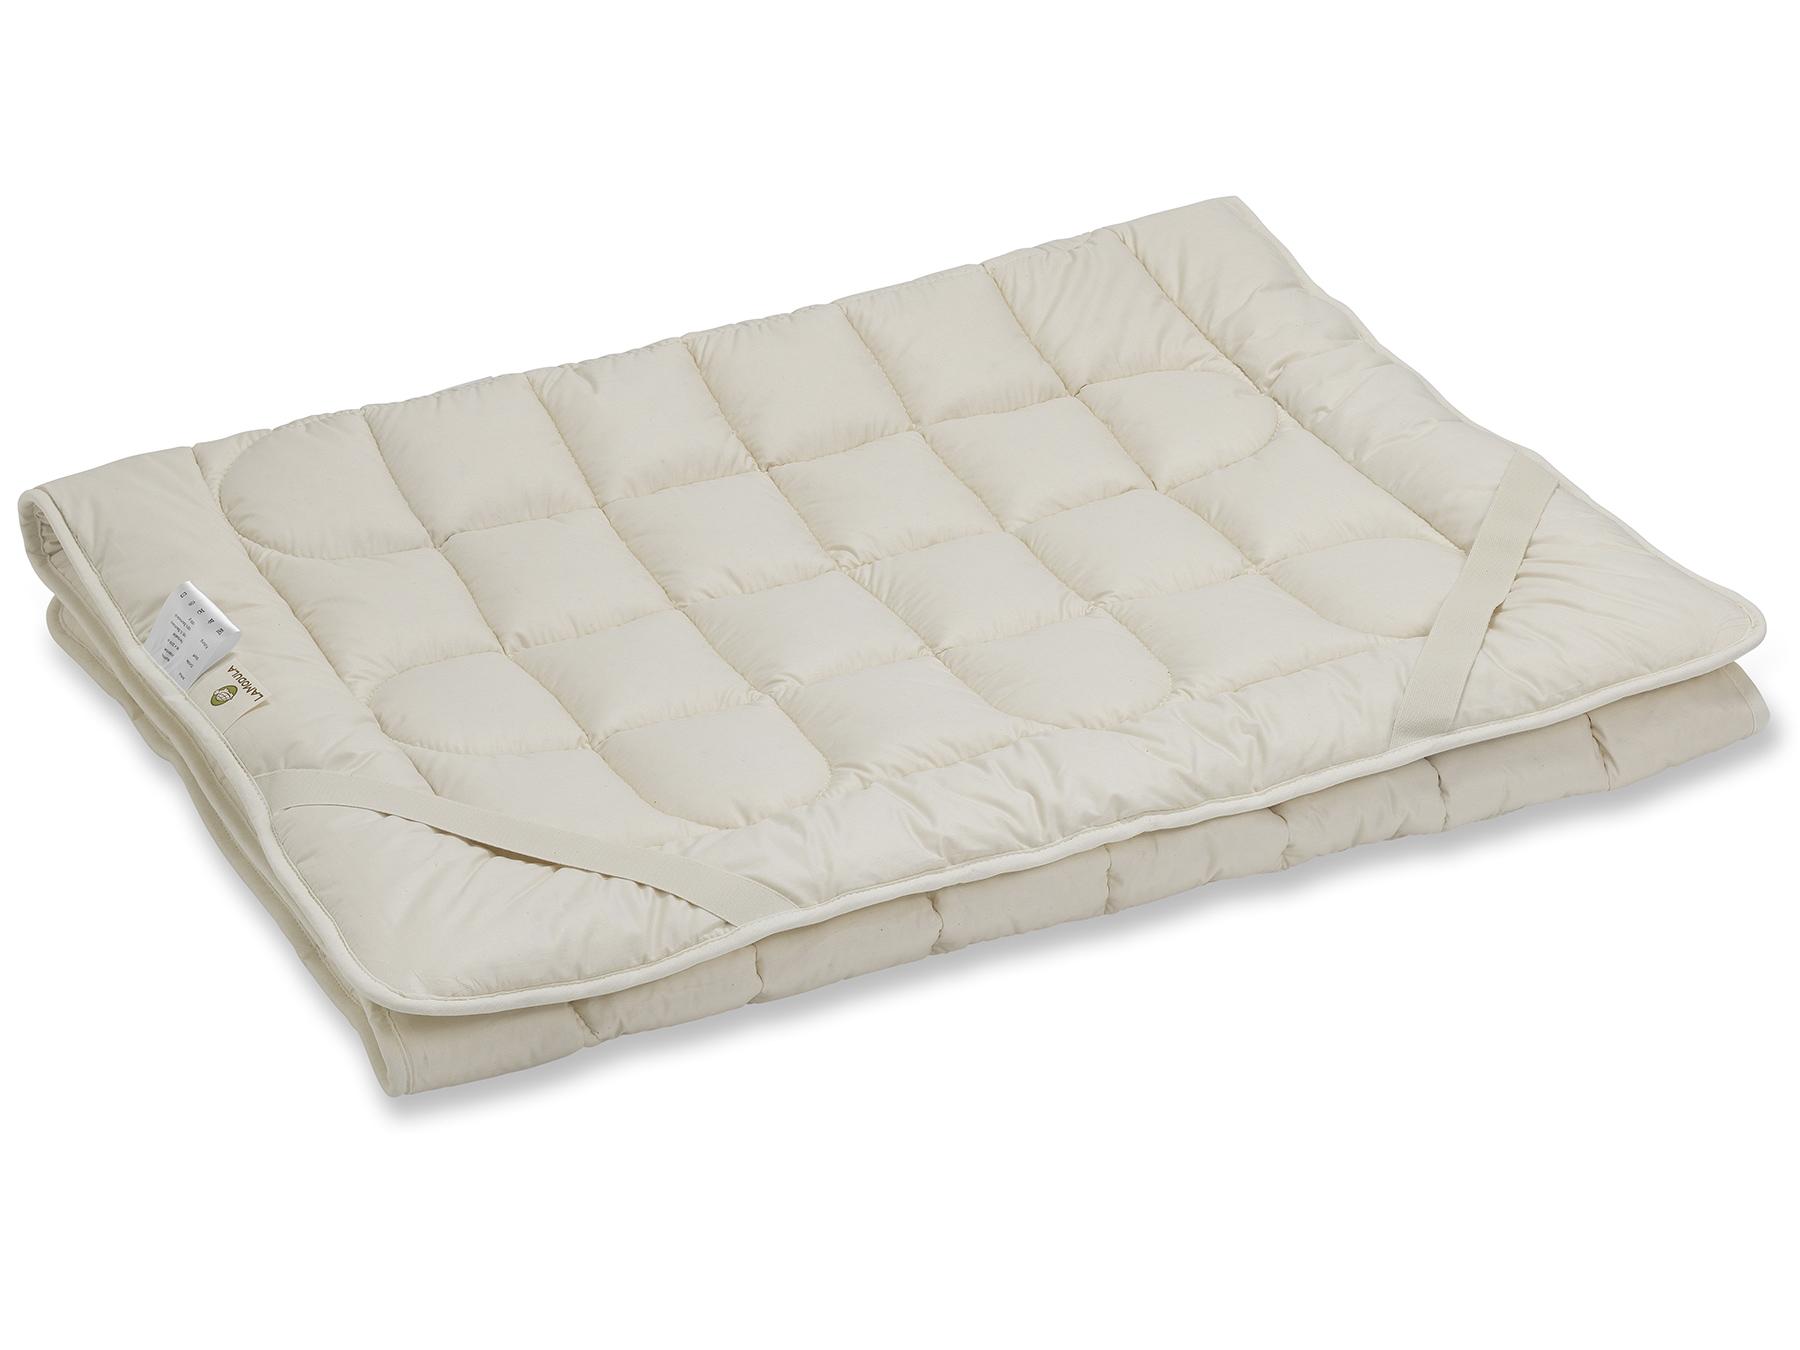 Das Unterbett wird mit vier praktischen Schräggummibändern an der Matratze befestigt.